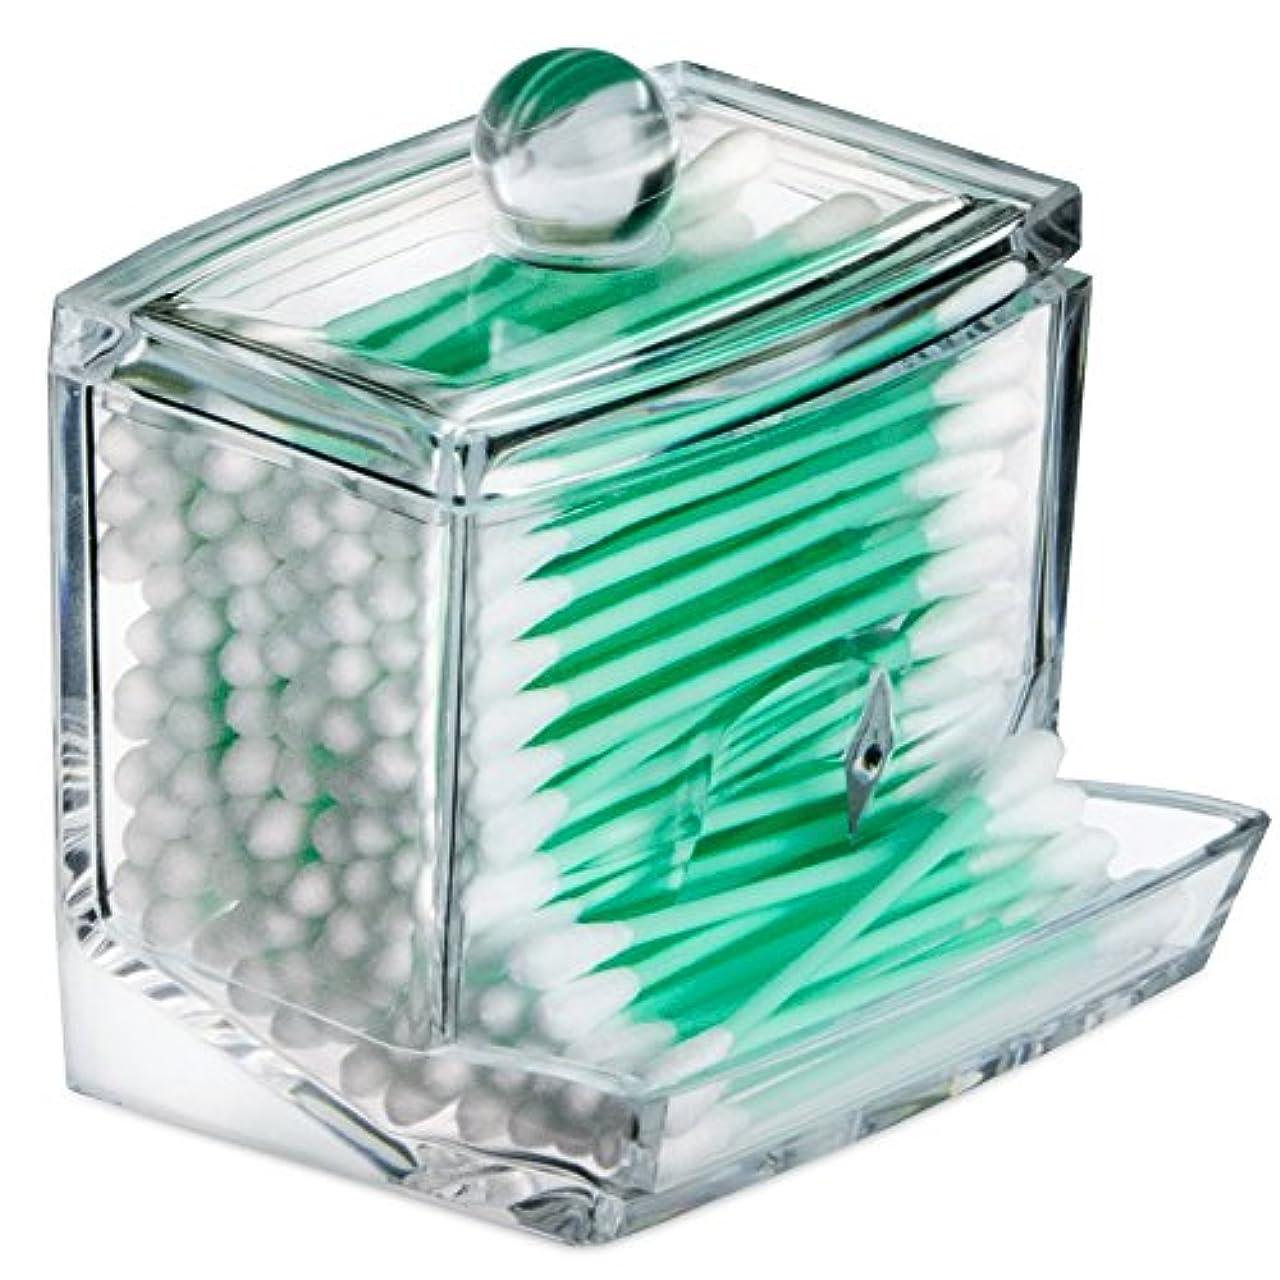 入口どれかファウルSTARMAX 棉棒ボックス 透明 アクリル製 フタ付き 防塵 清潔 化粧品小物 収納ケース 綿棒入れ 小物入れ 化粧品入れ コスメボックス (9cm*7cm*7.5cm)